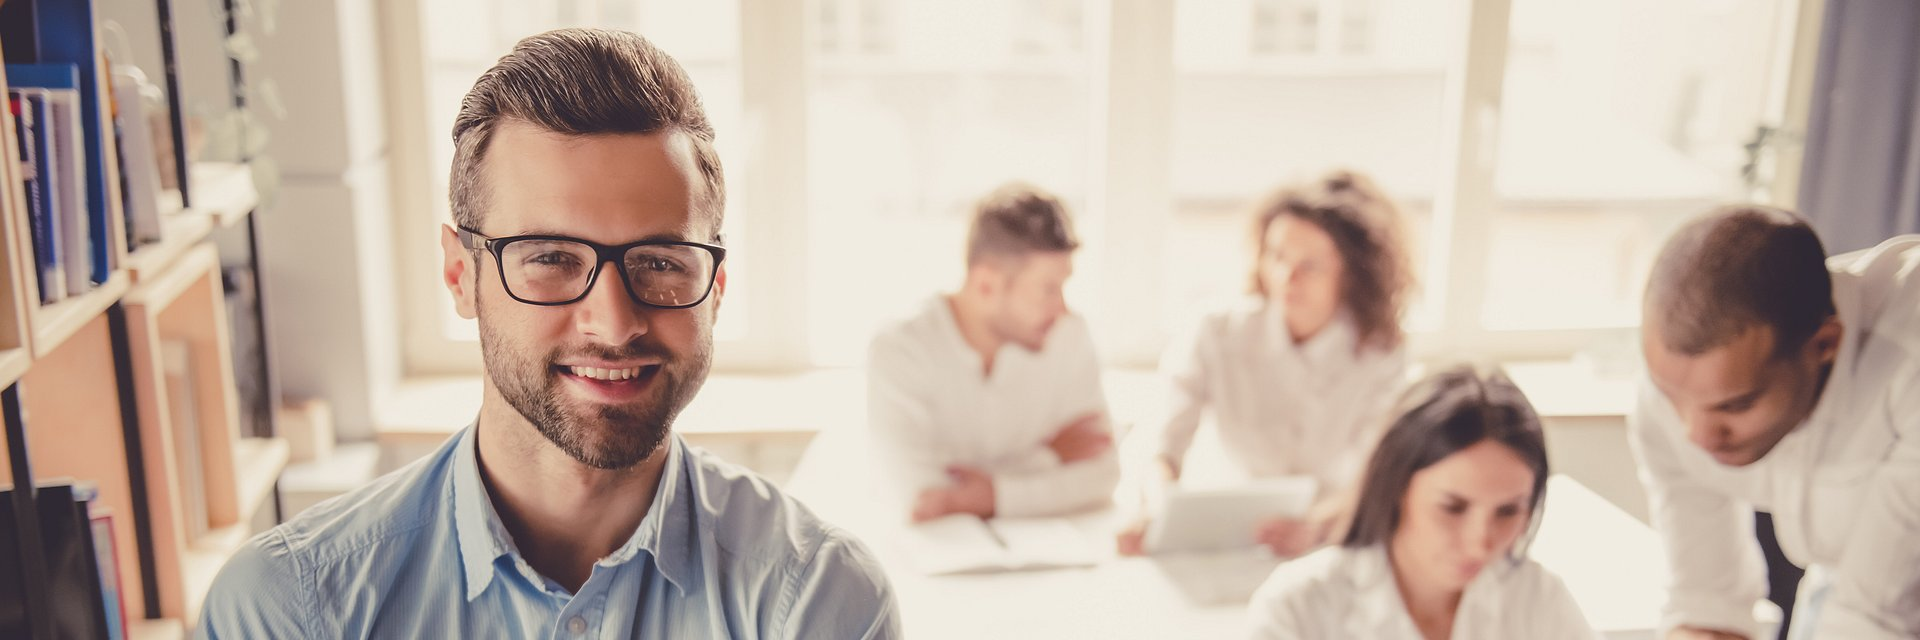 Rynek Pracy Specjalistów H1 2019. Kogo szukali pracodawcy?